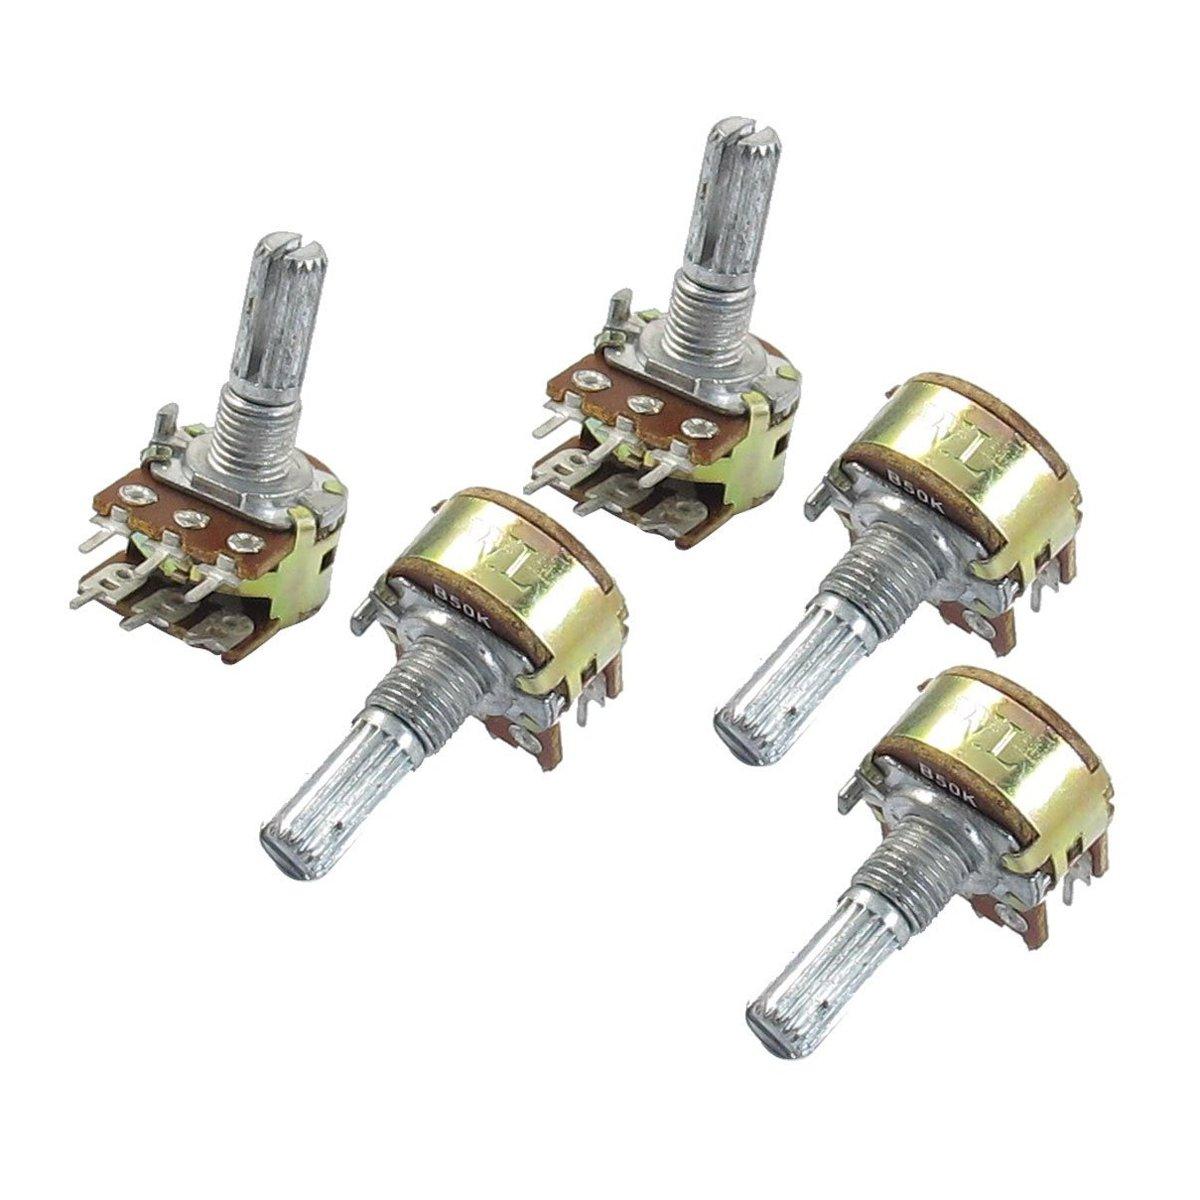 SODIAL(R) 5 Pcs B50K 50K ohm 6 Pins Split Shaft Rotary Linear Dual Taper Potentiometers 2 sets 1k 2k 5k 10k ohm linear taper rotary potentiometer pot shaft 6mm x 13mm hole 7mm